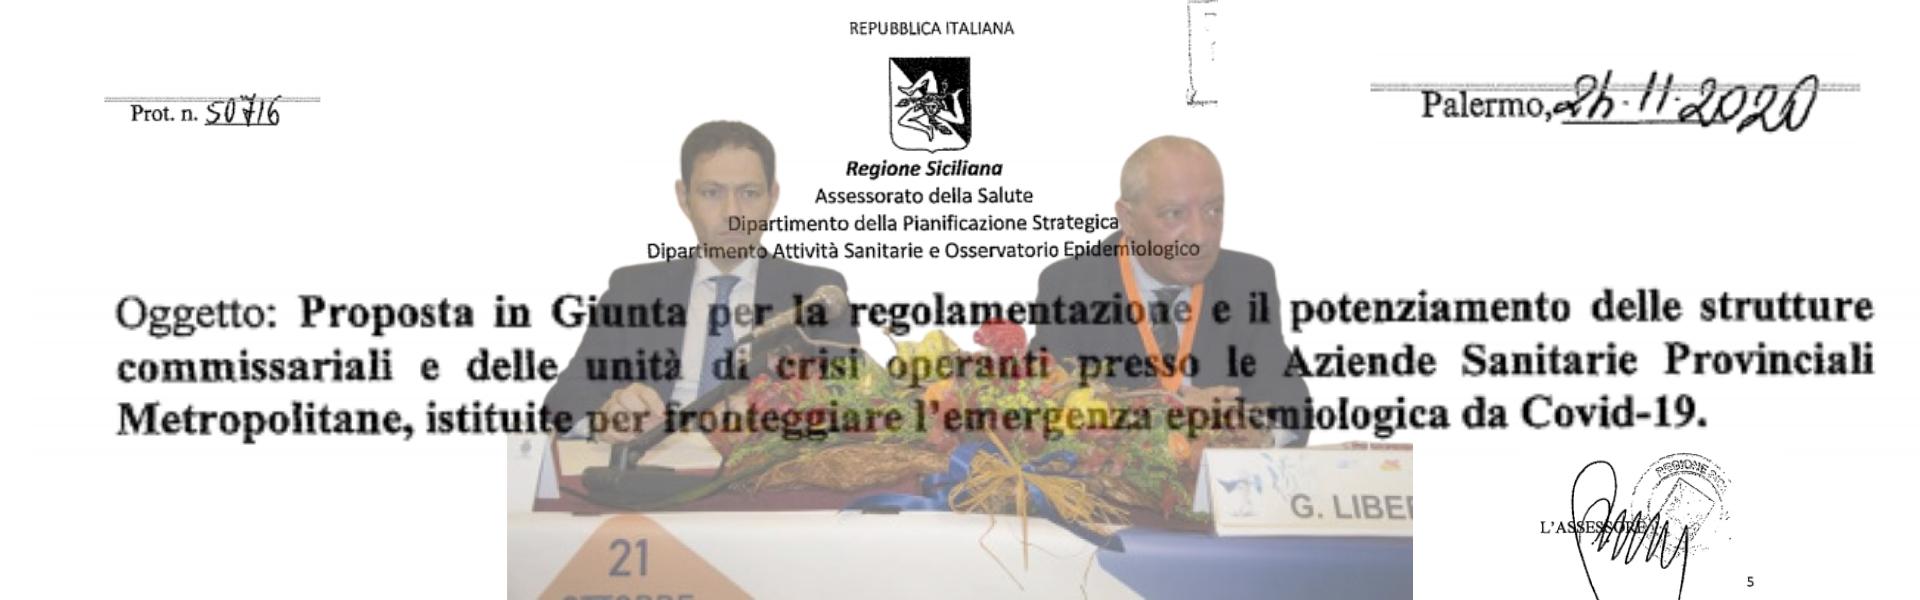 Caso Razza-La Rocca: facciano i nomi dei primari infedeli o vadano a casa loro